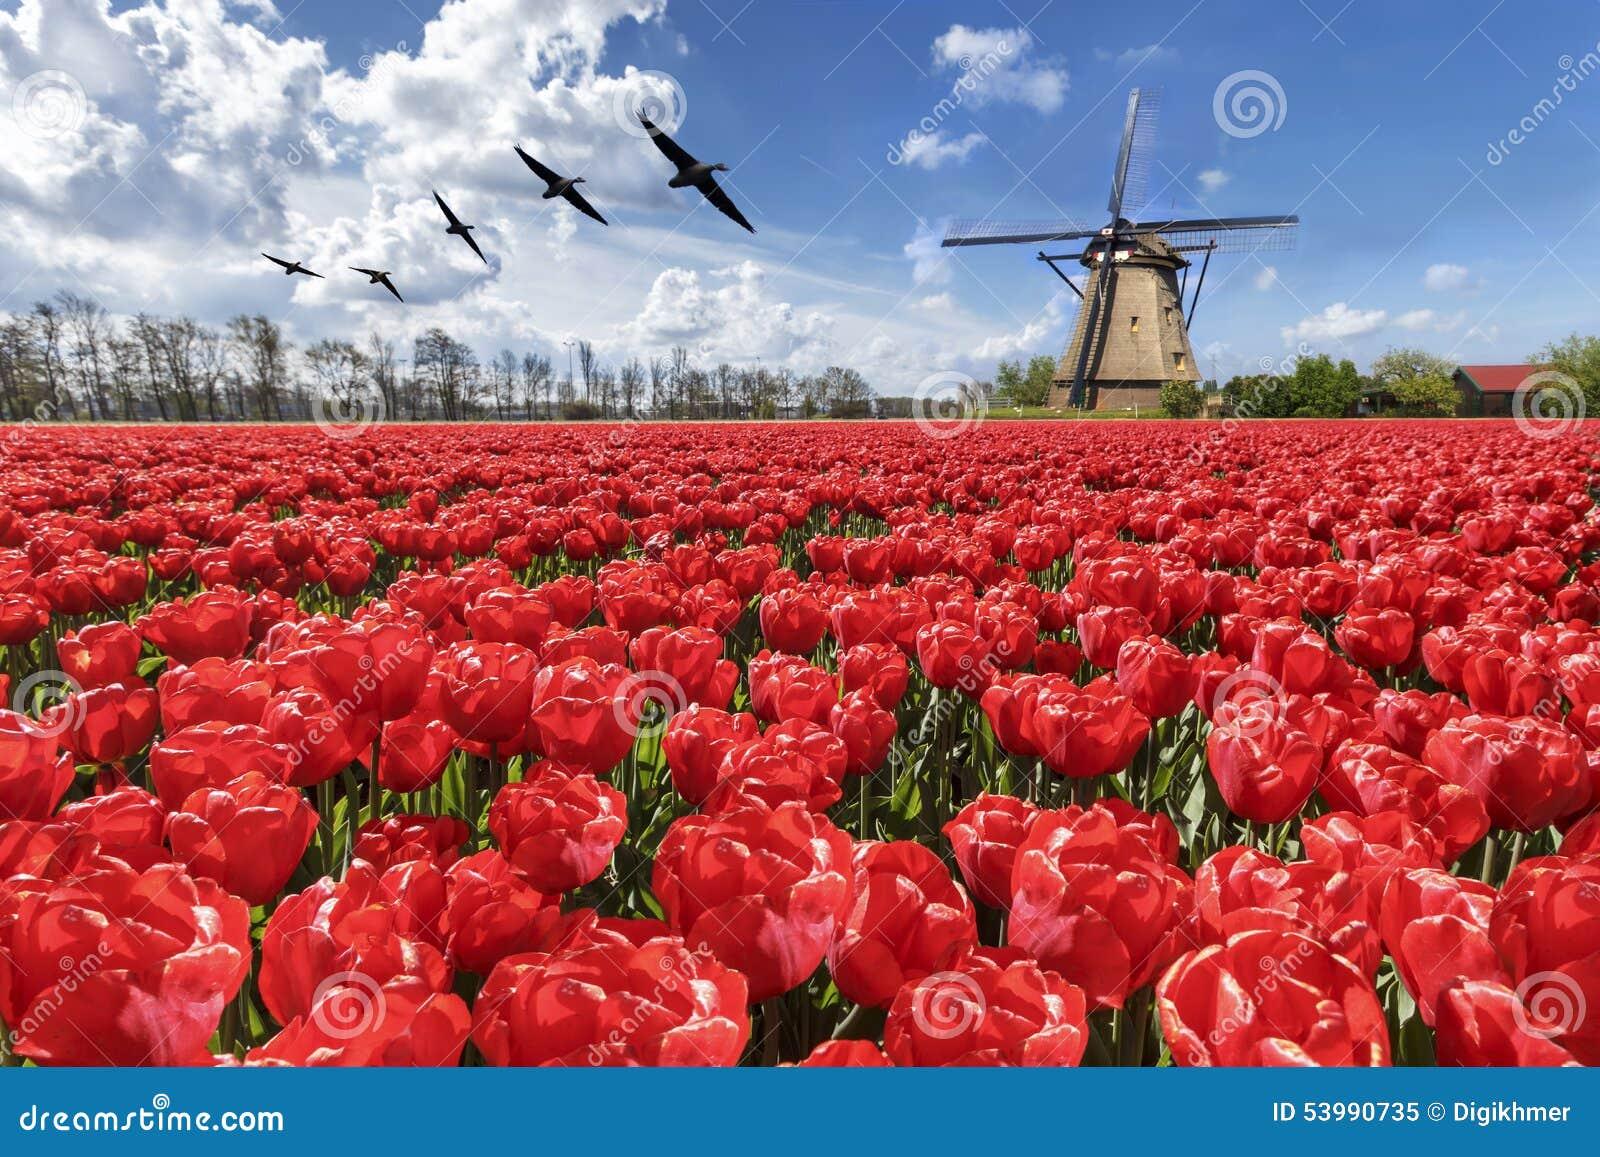 Gäss som flyger över ändlös röd tulpanlantgård